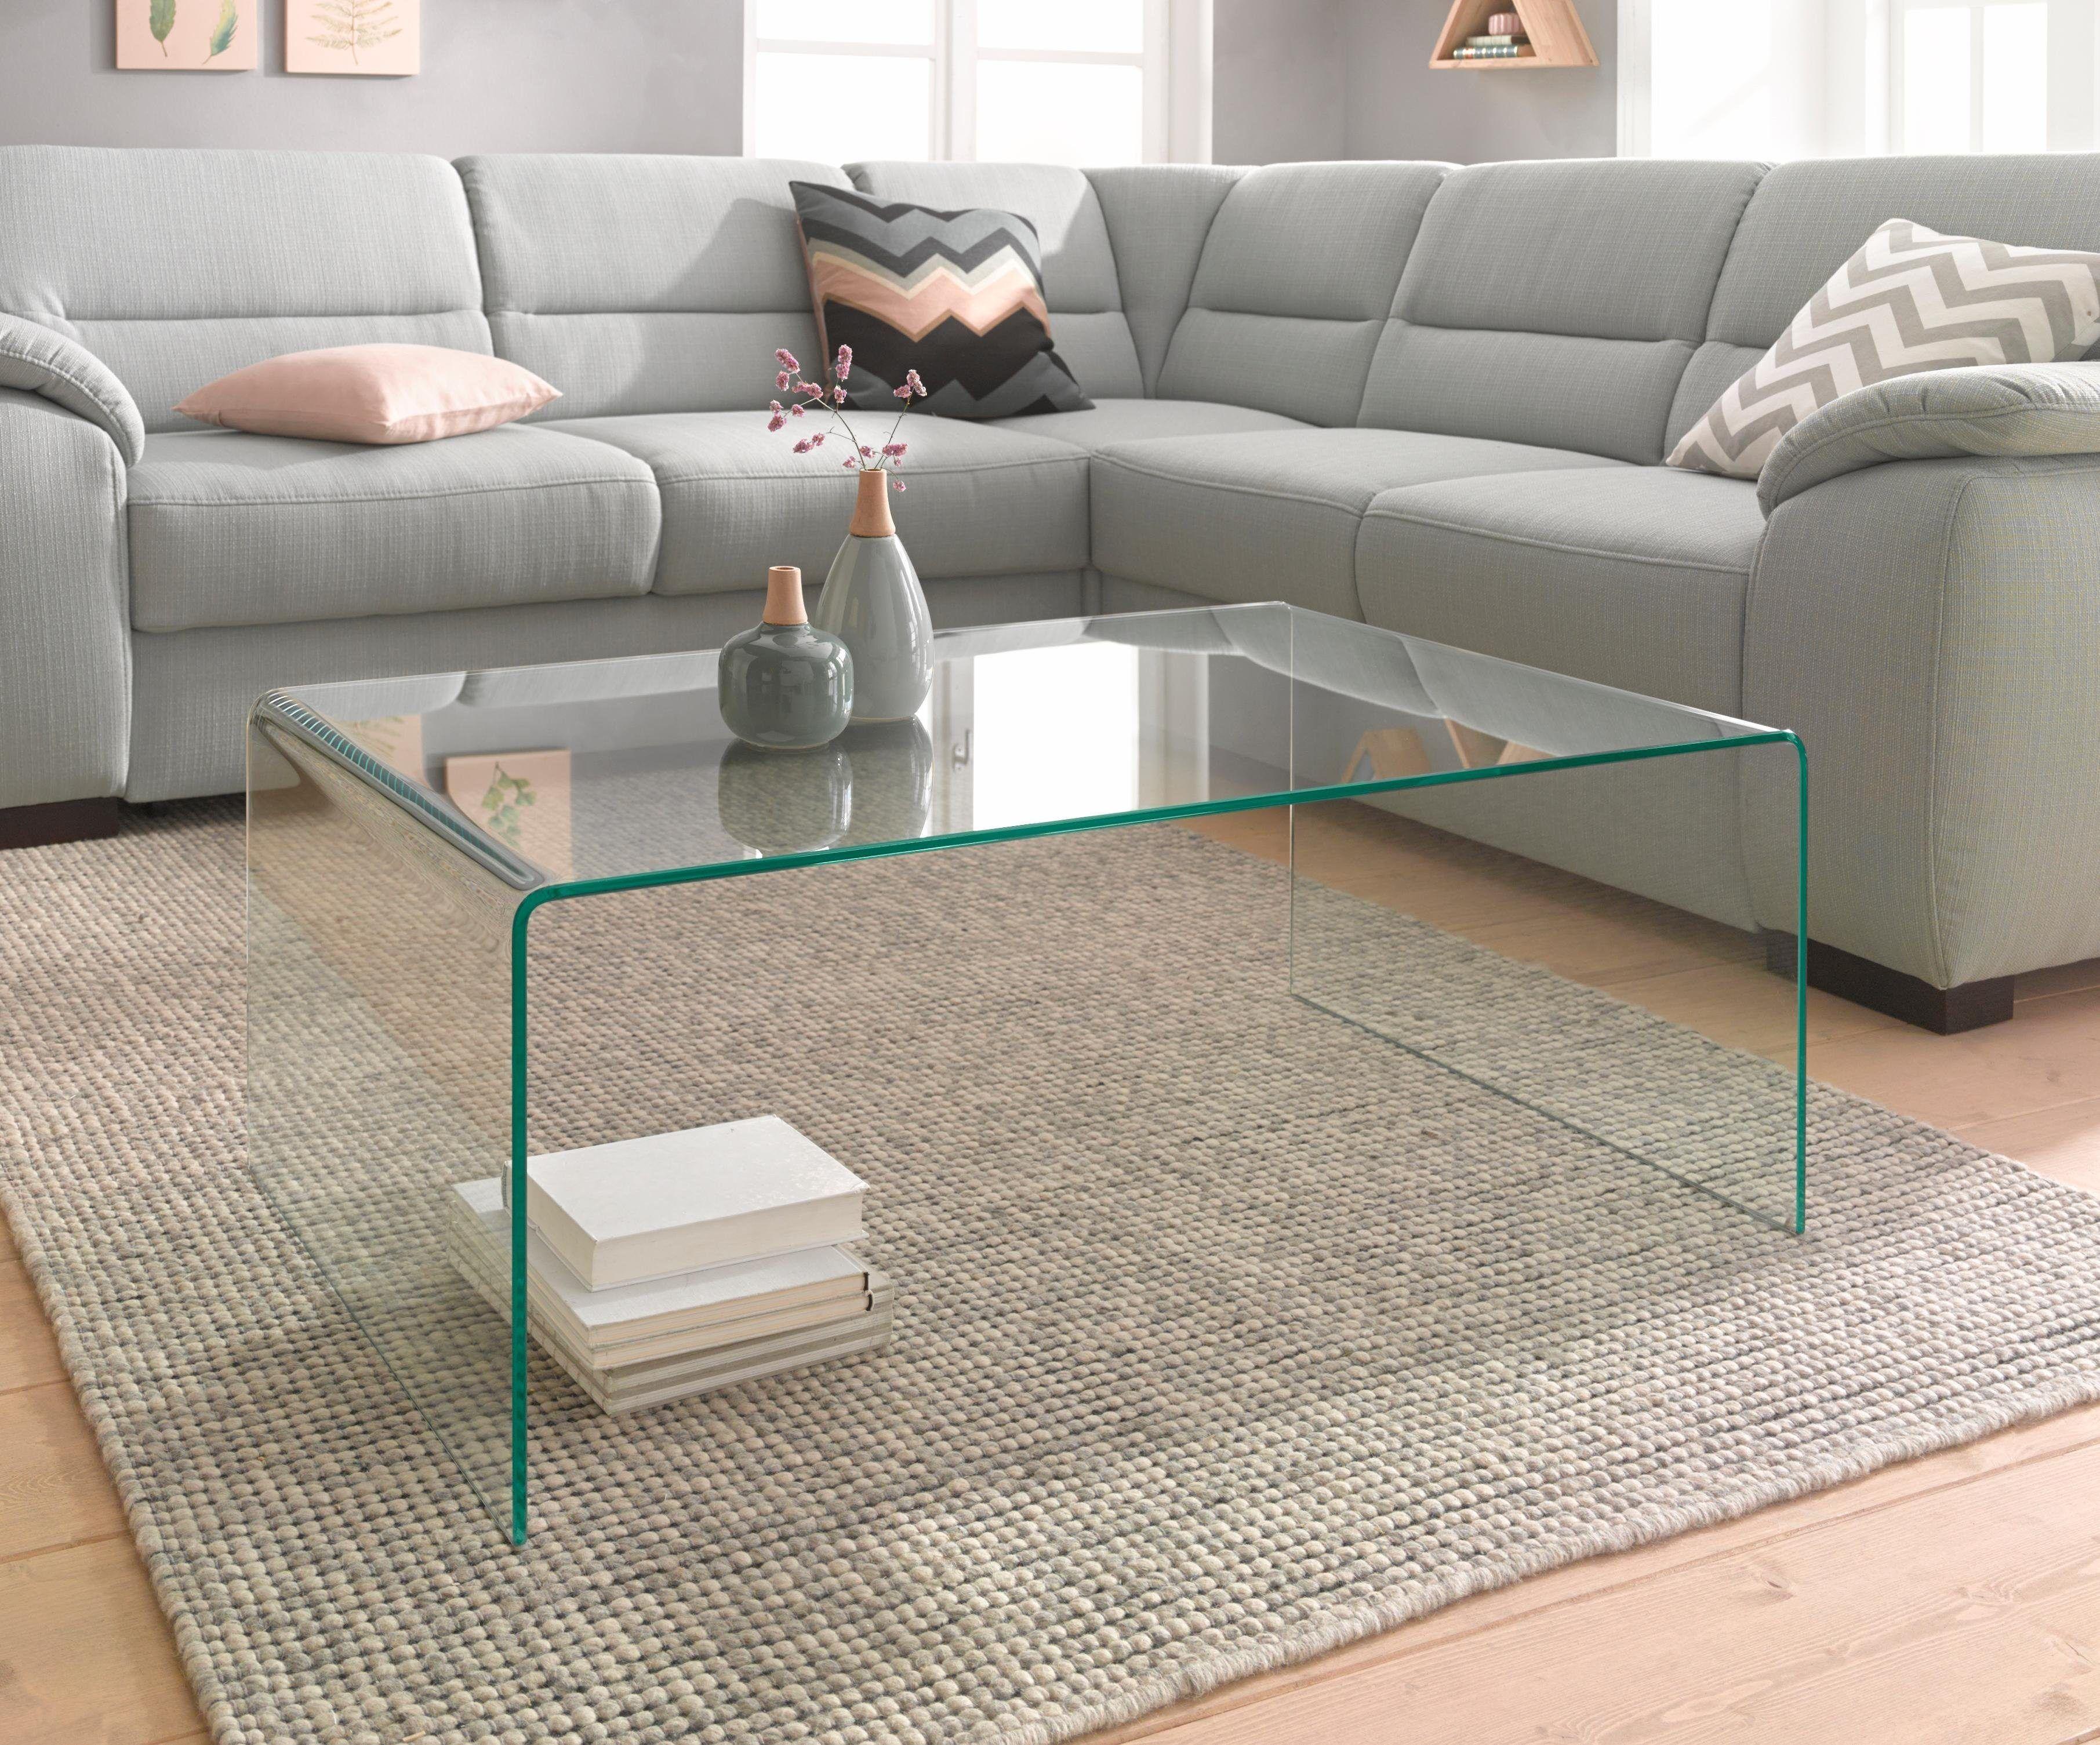 Wohnzimmer tische top die besten couchtisch metall ideen auf pinterest dekorative with - Dekorative pflanzen furs wohnzimmer ...